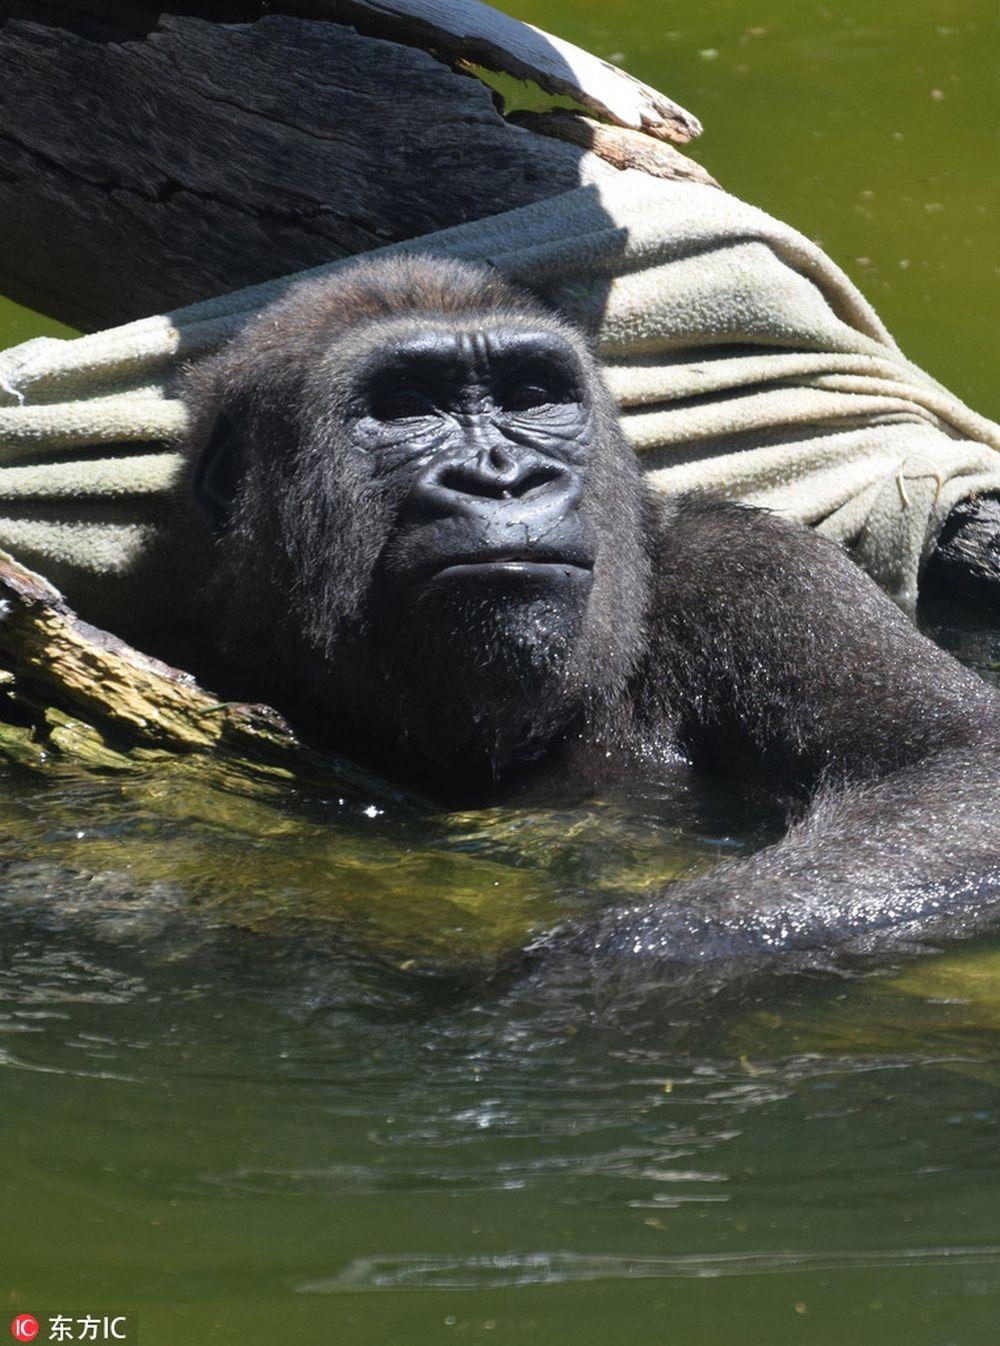 ... hình ảnh rất thú vị và hài hước khi một con khỉ đột đáng yêu tận hưởng thời gian tắm mát của mình một cách đầy vui vẻ và thoải mái hệt như con người.